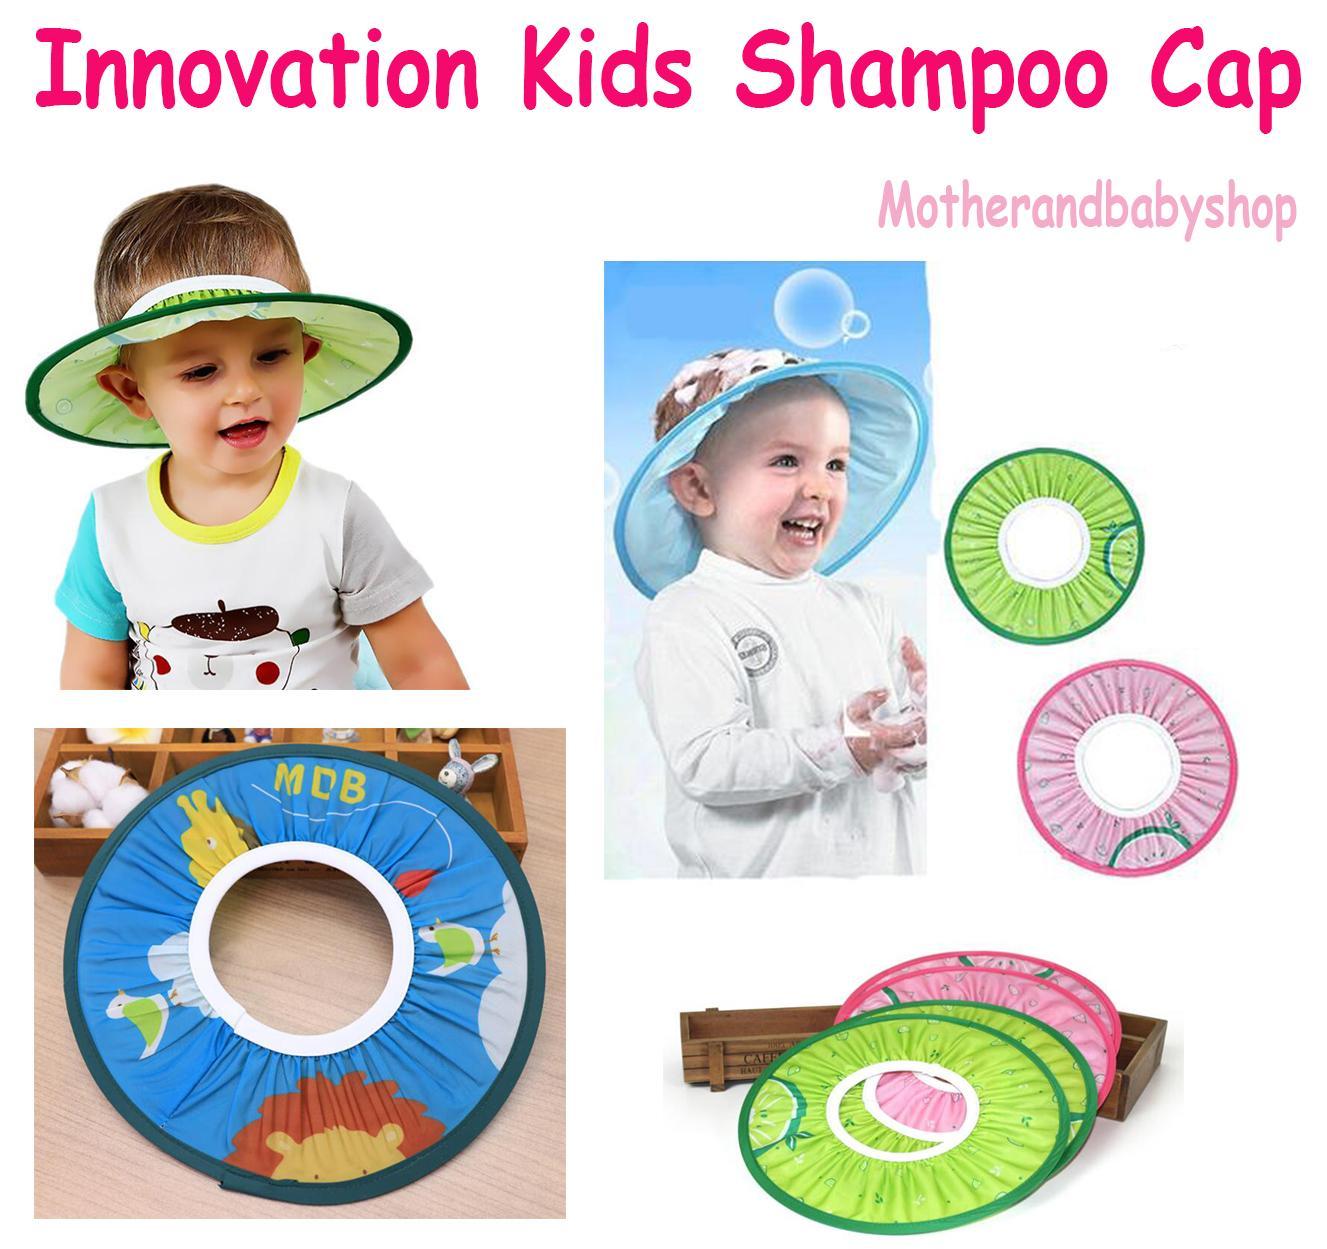 Compre Nueva Innovación Para Niños Baño Visera Sombrero Ajustable Baby  Shower Cap Proteger Champú Lavado De Pelo Escudo Para Niños Infantil  Impermeable Cap ... 93fc74c2dff